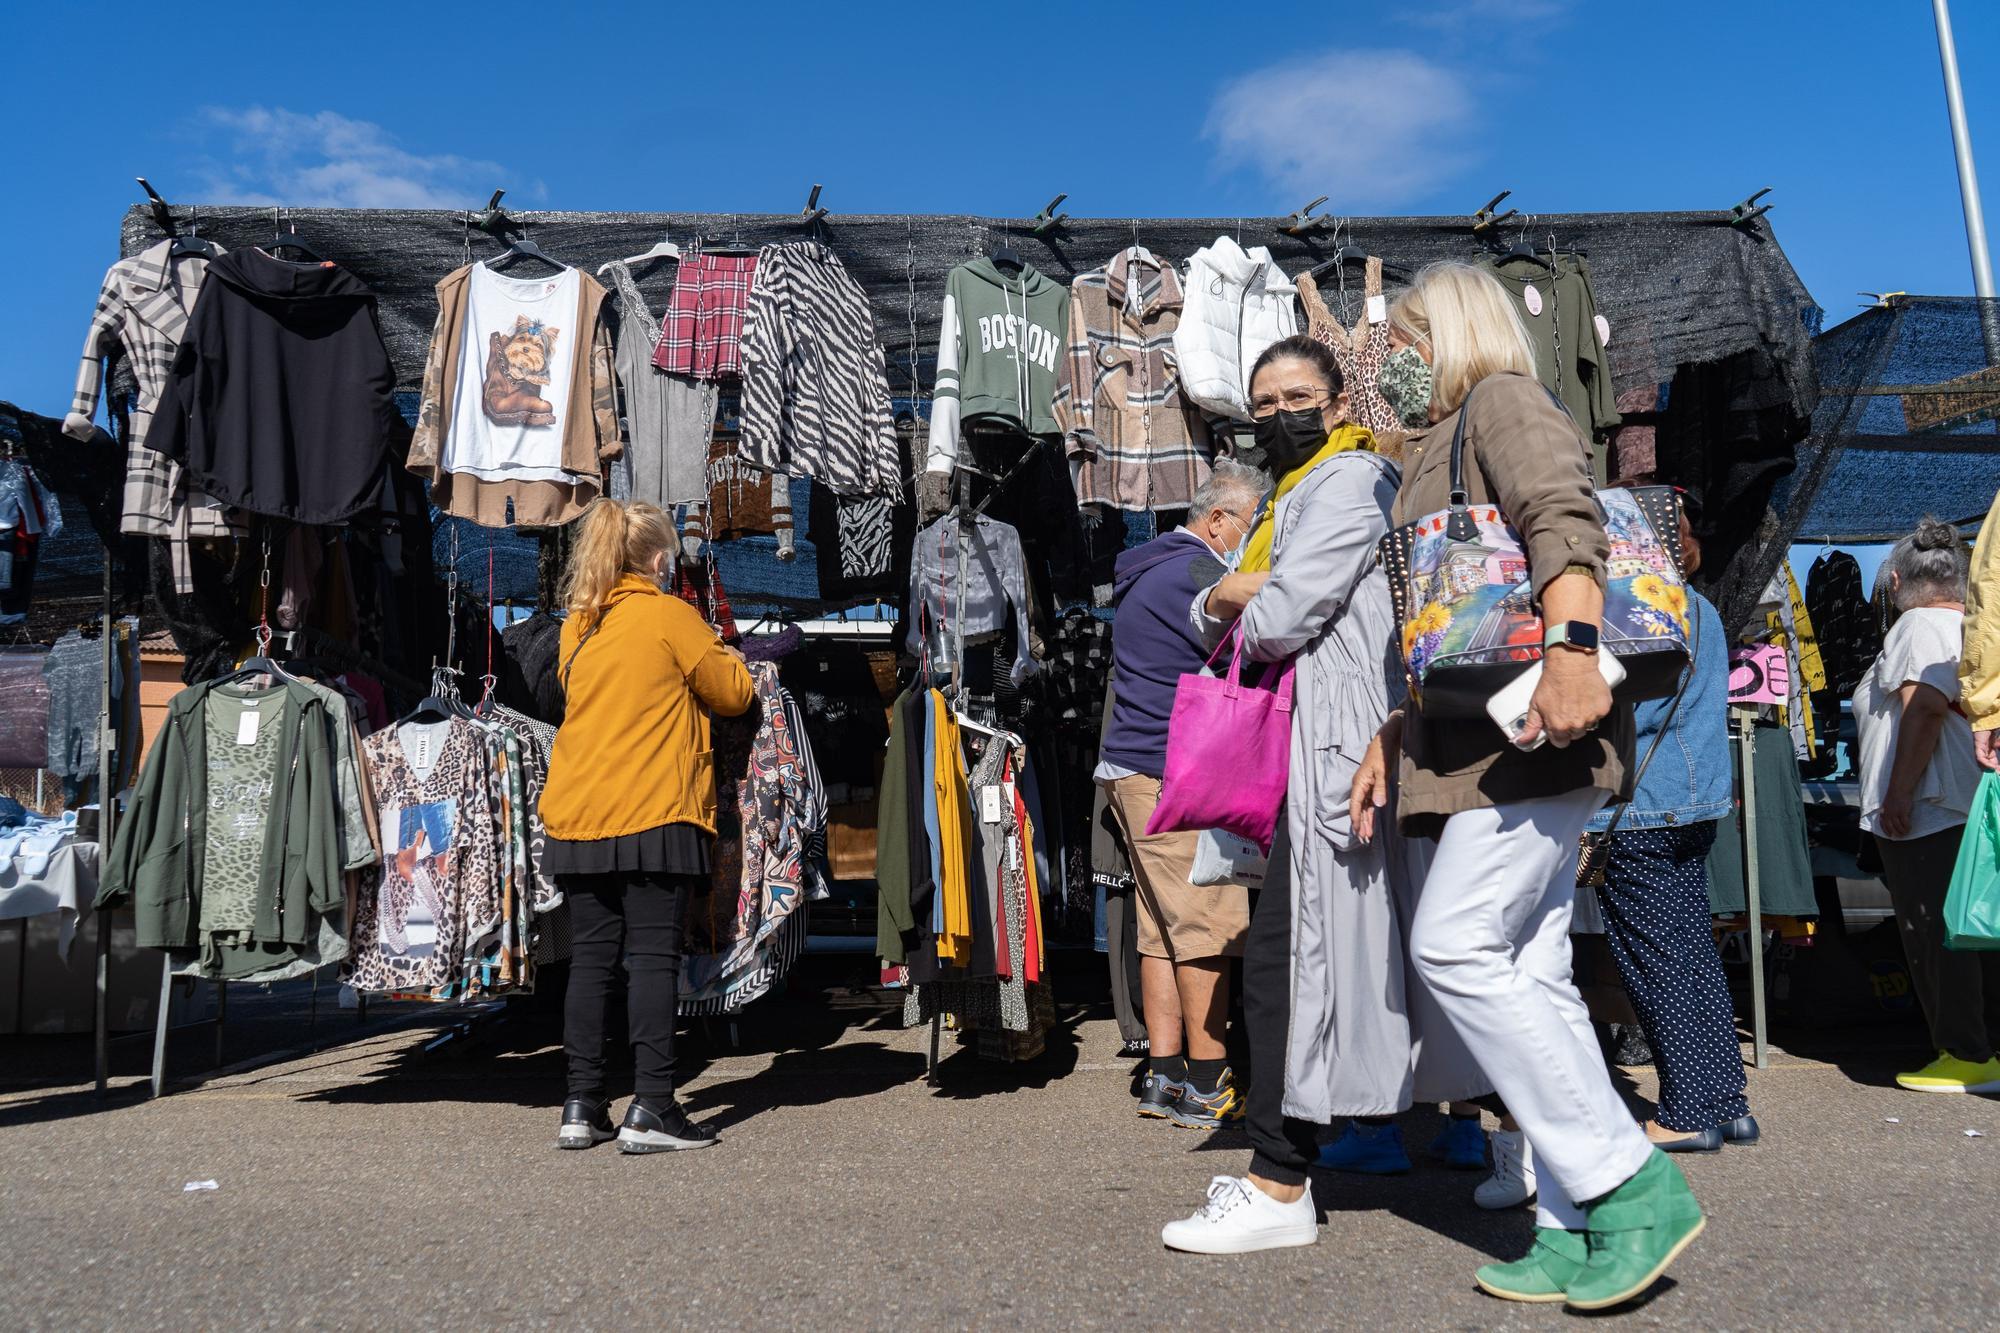 GALERÍA | Los ambulantes de Zamora piden a gritos nueva normalidad en el mercadillo